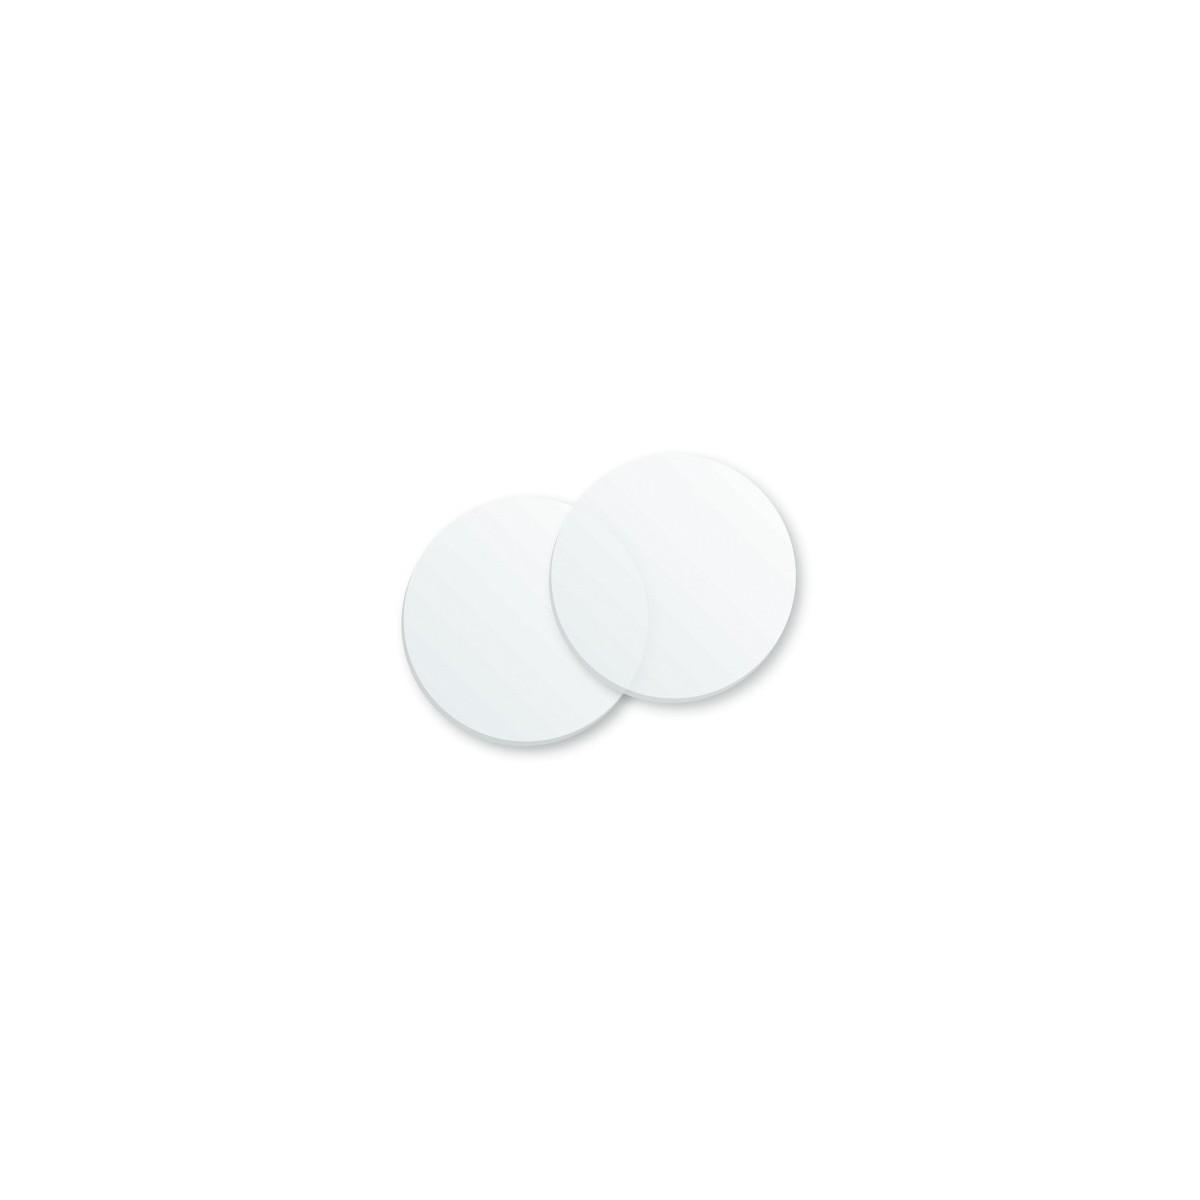 Kit de deux glissières rondes sablées